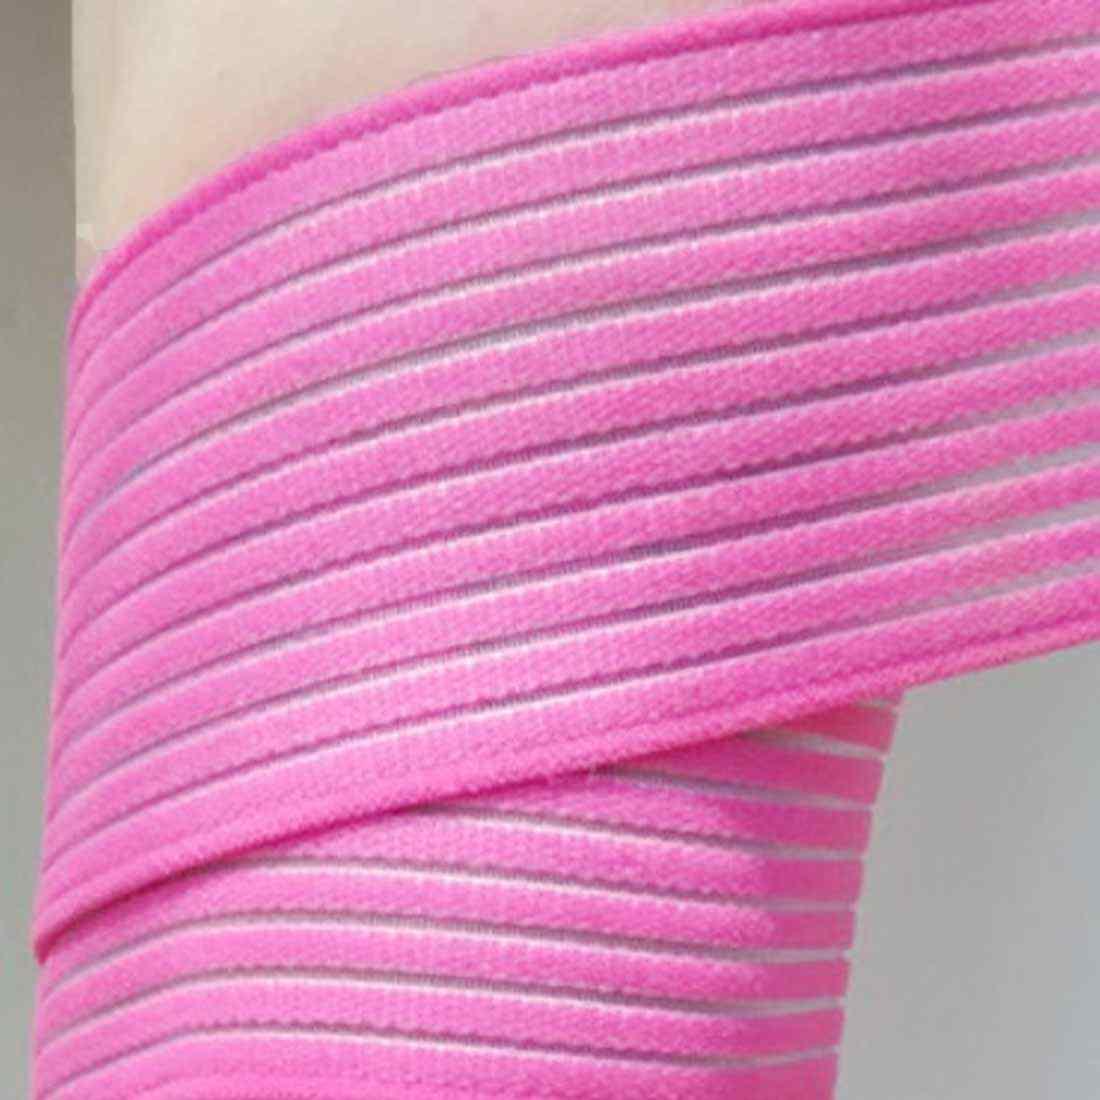 1PCS Elastico Fasciatura Del Nastro di Protezione Per La Caviglia Gamba Avvolgere il Polso Equipaggiamento Protettivo Sport Cinghia di Sostegno del Ginocchio Della Protezione di Stinco di Compressione